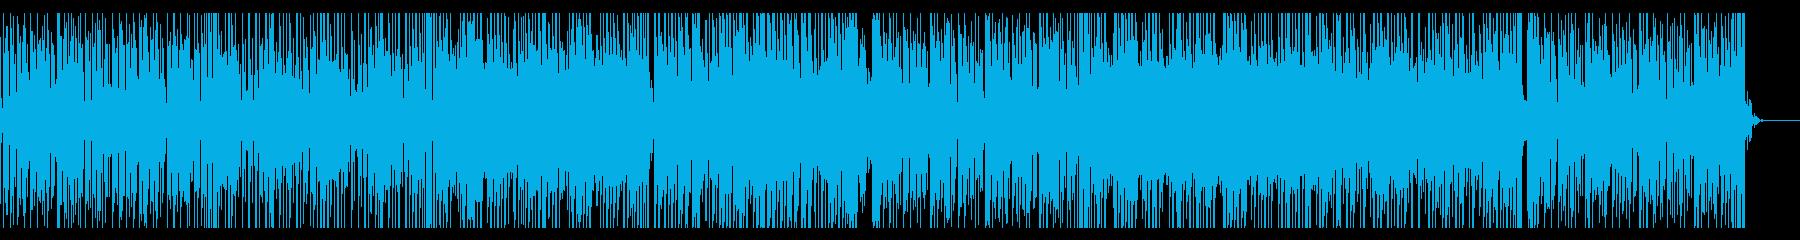 優しくて気だるくてオシャレなBGMの再生済みの波形